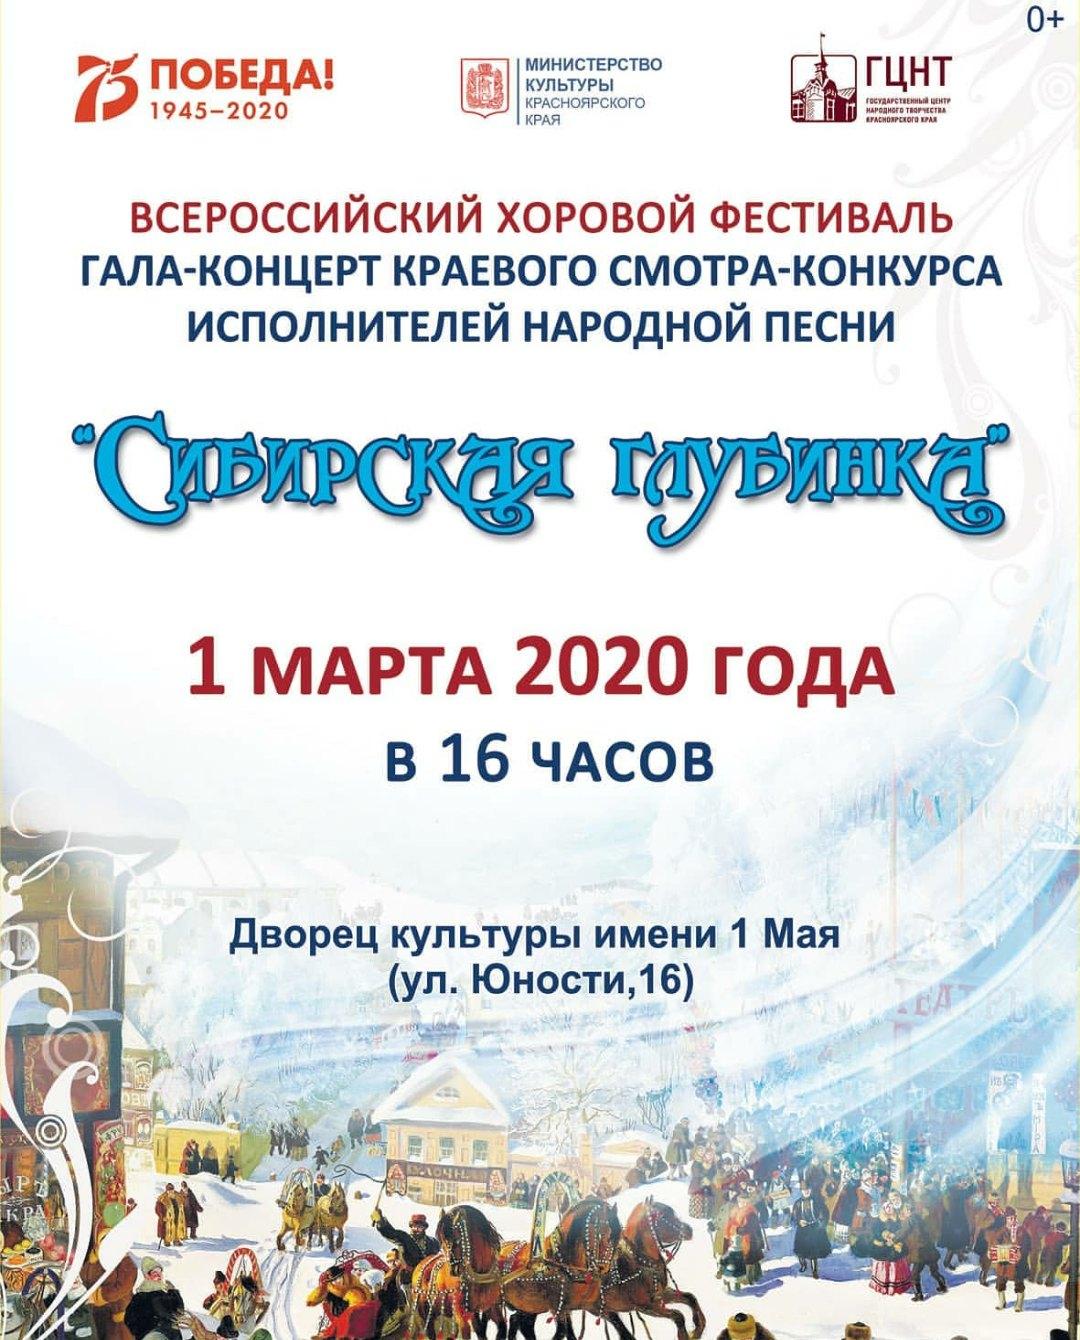 Сибирская глубинка 01.03.2020